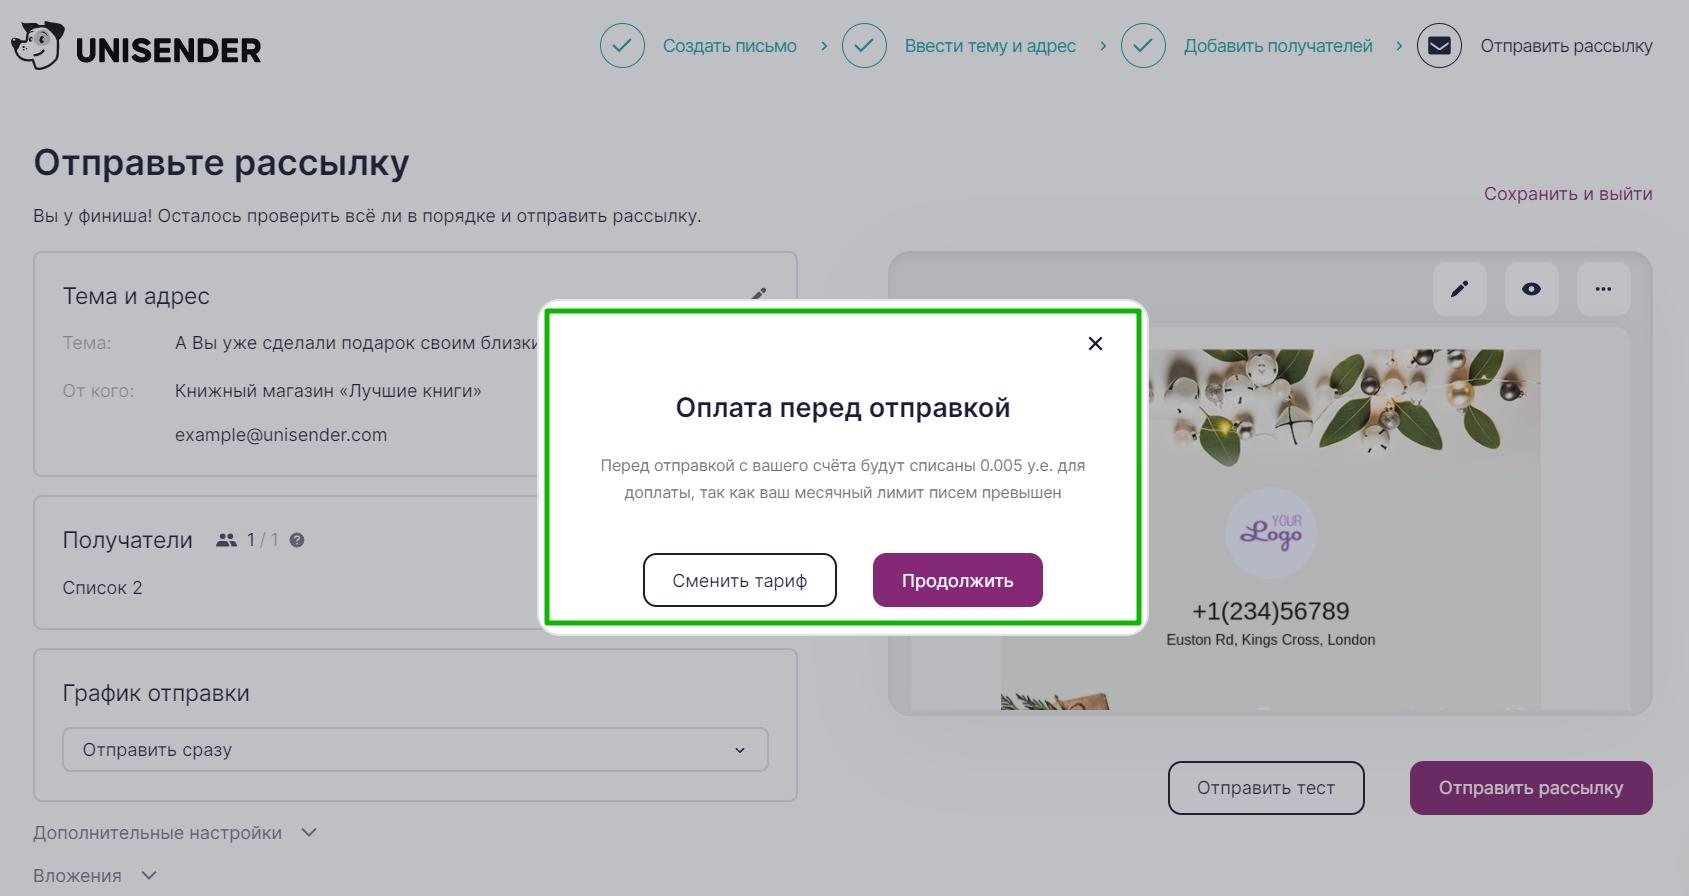 Пример системного сообщения о необходимости доплаты за отправку письма сверх лимита на тарифе «Оптом».